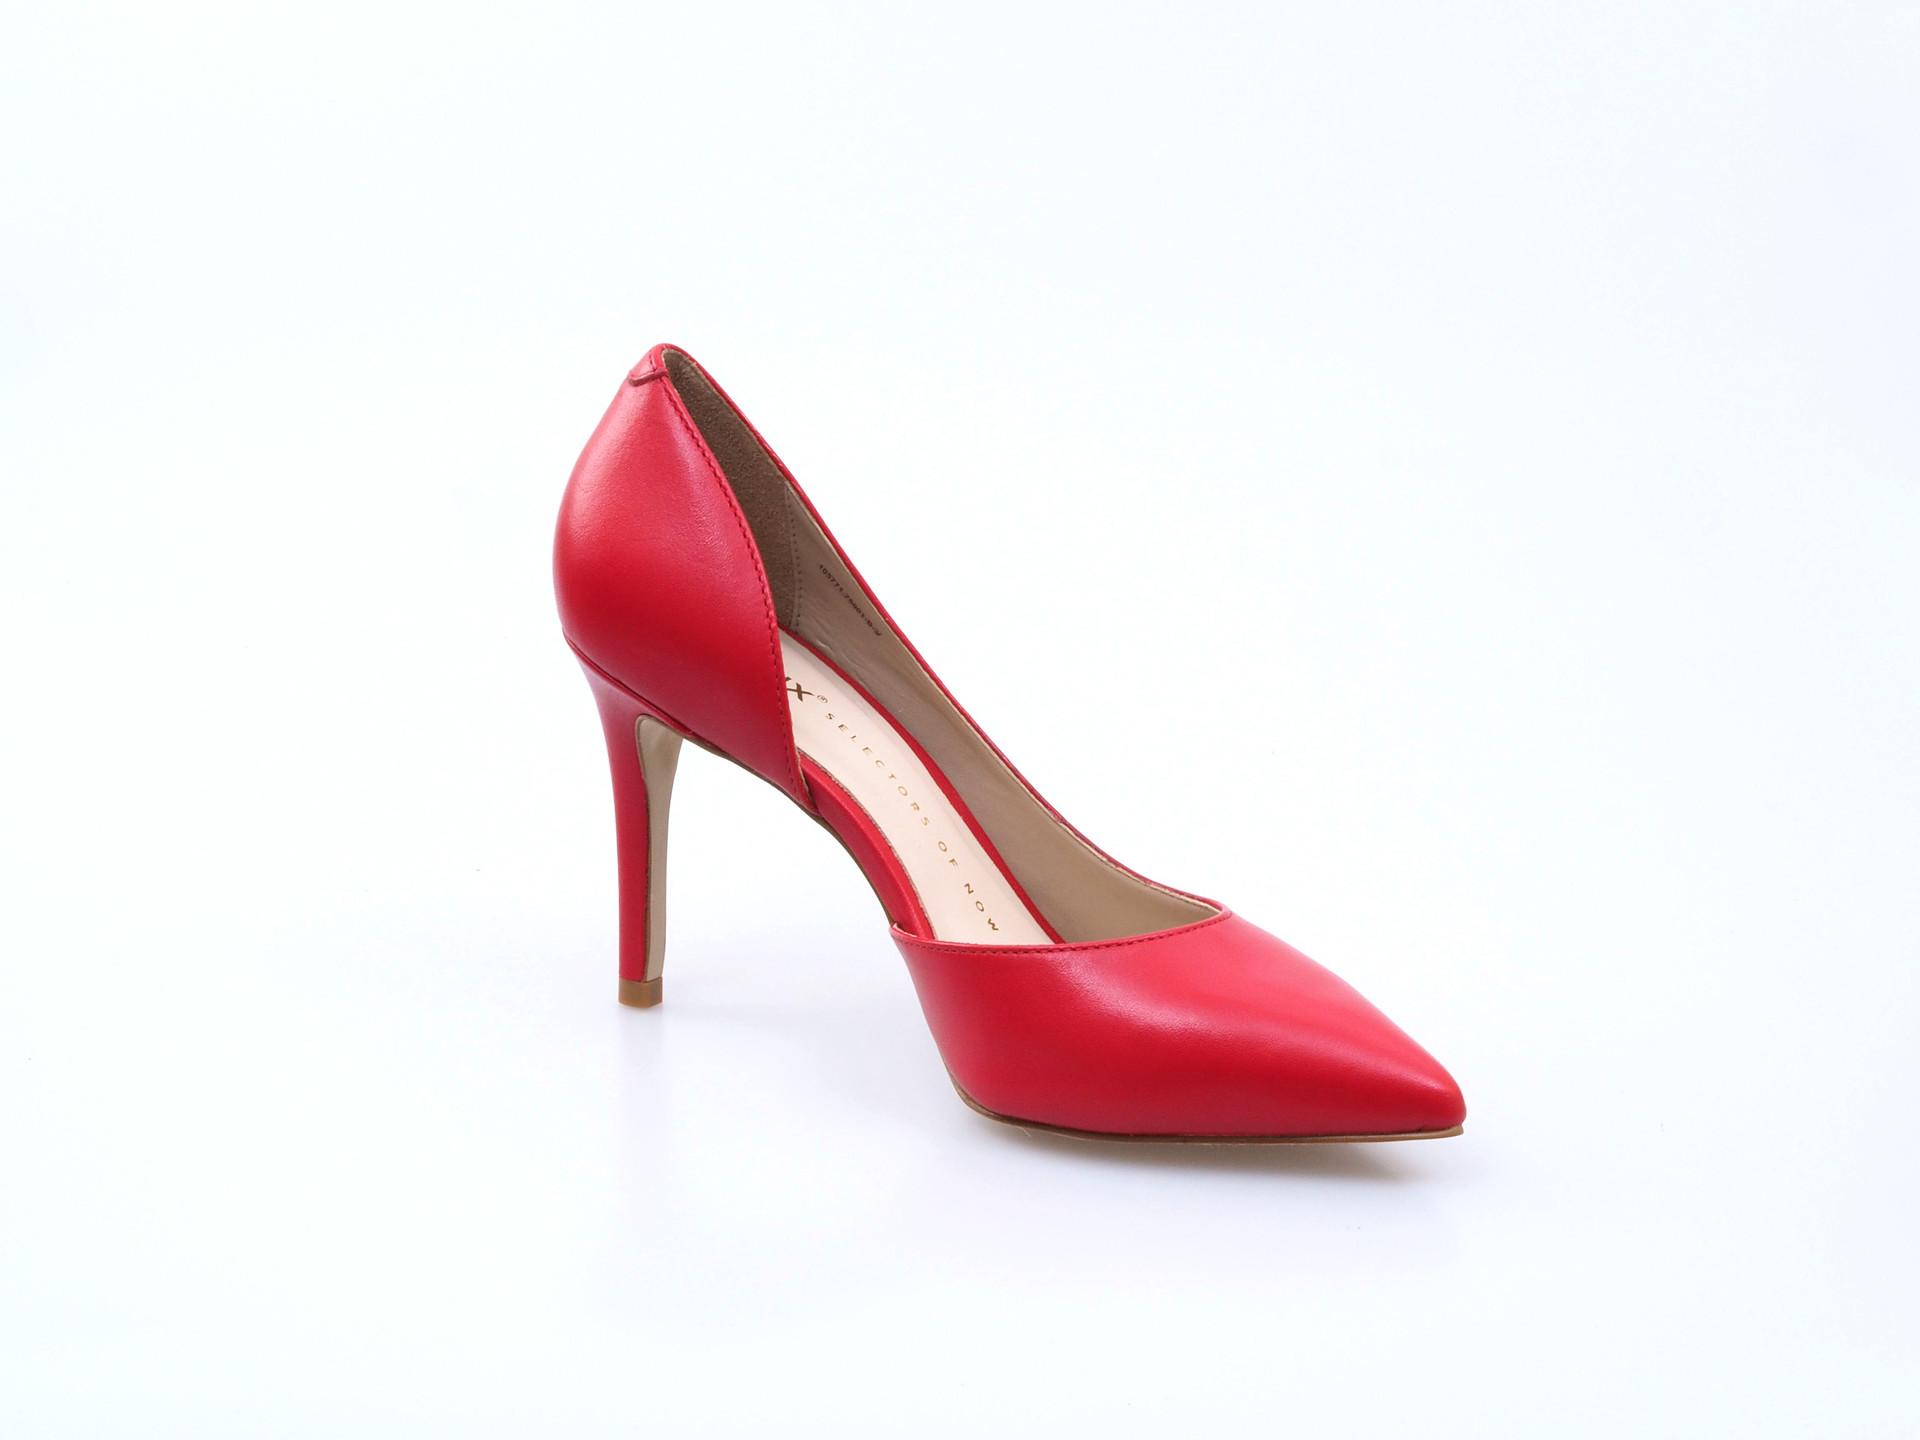 27d8e18d49f8 Soňa - Dámska obuv - Spoločenská obuv - Bronx dámska lodička na vysokom  podpätku červená